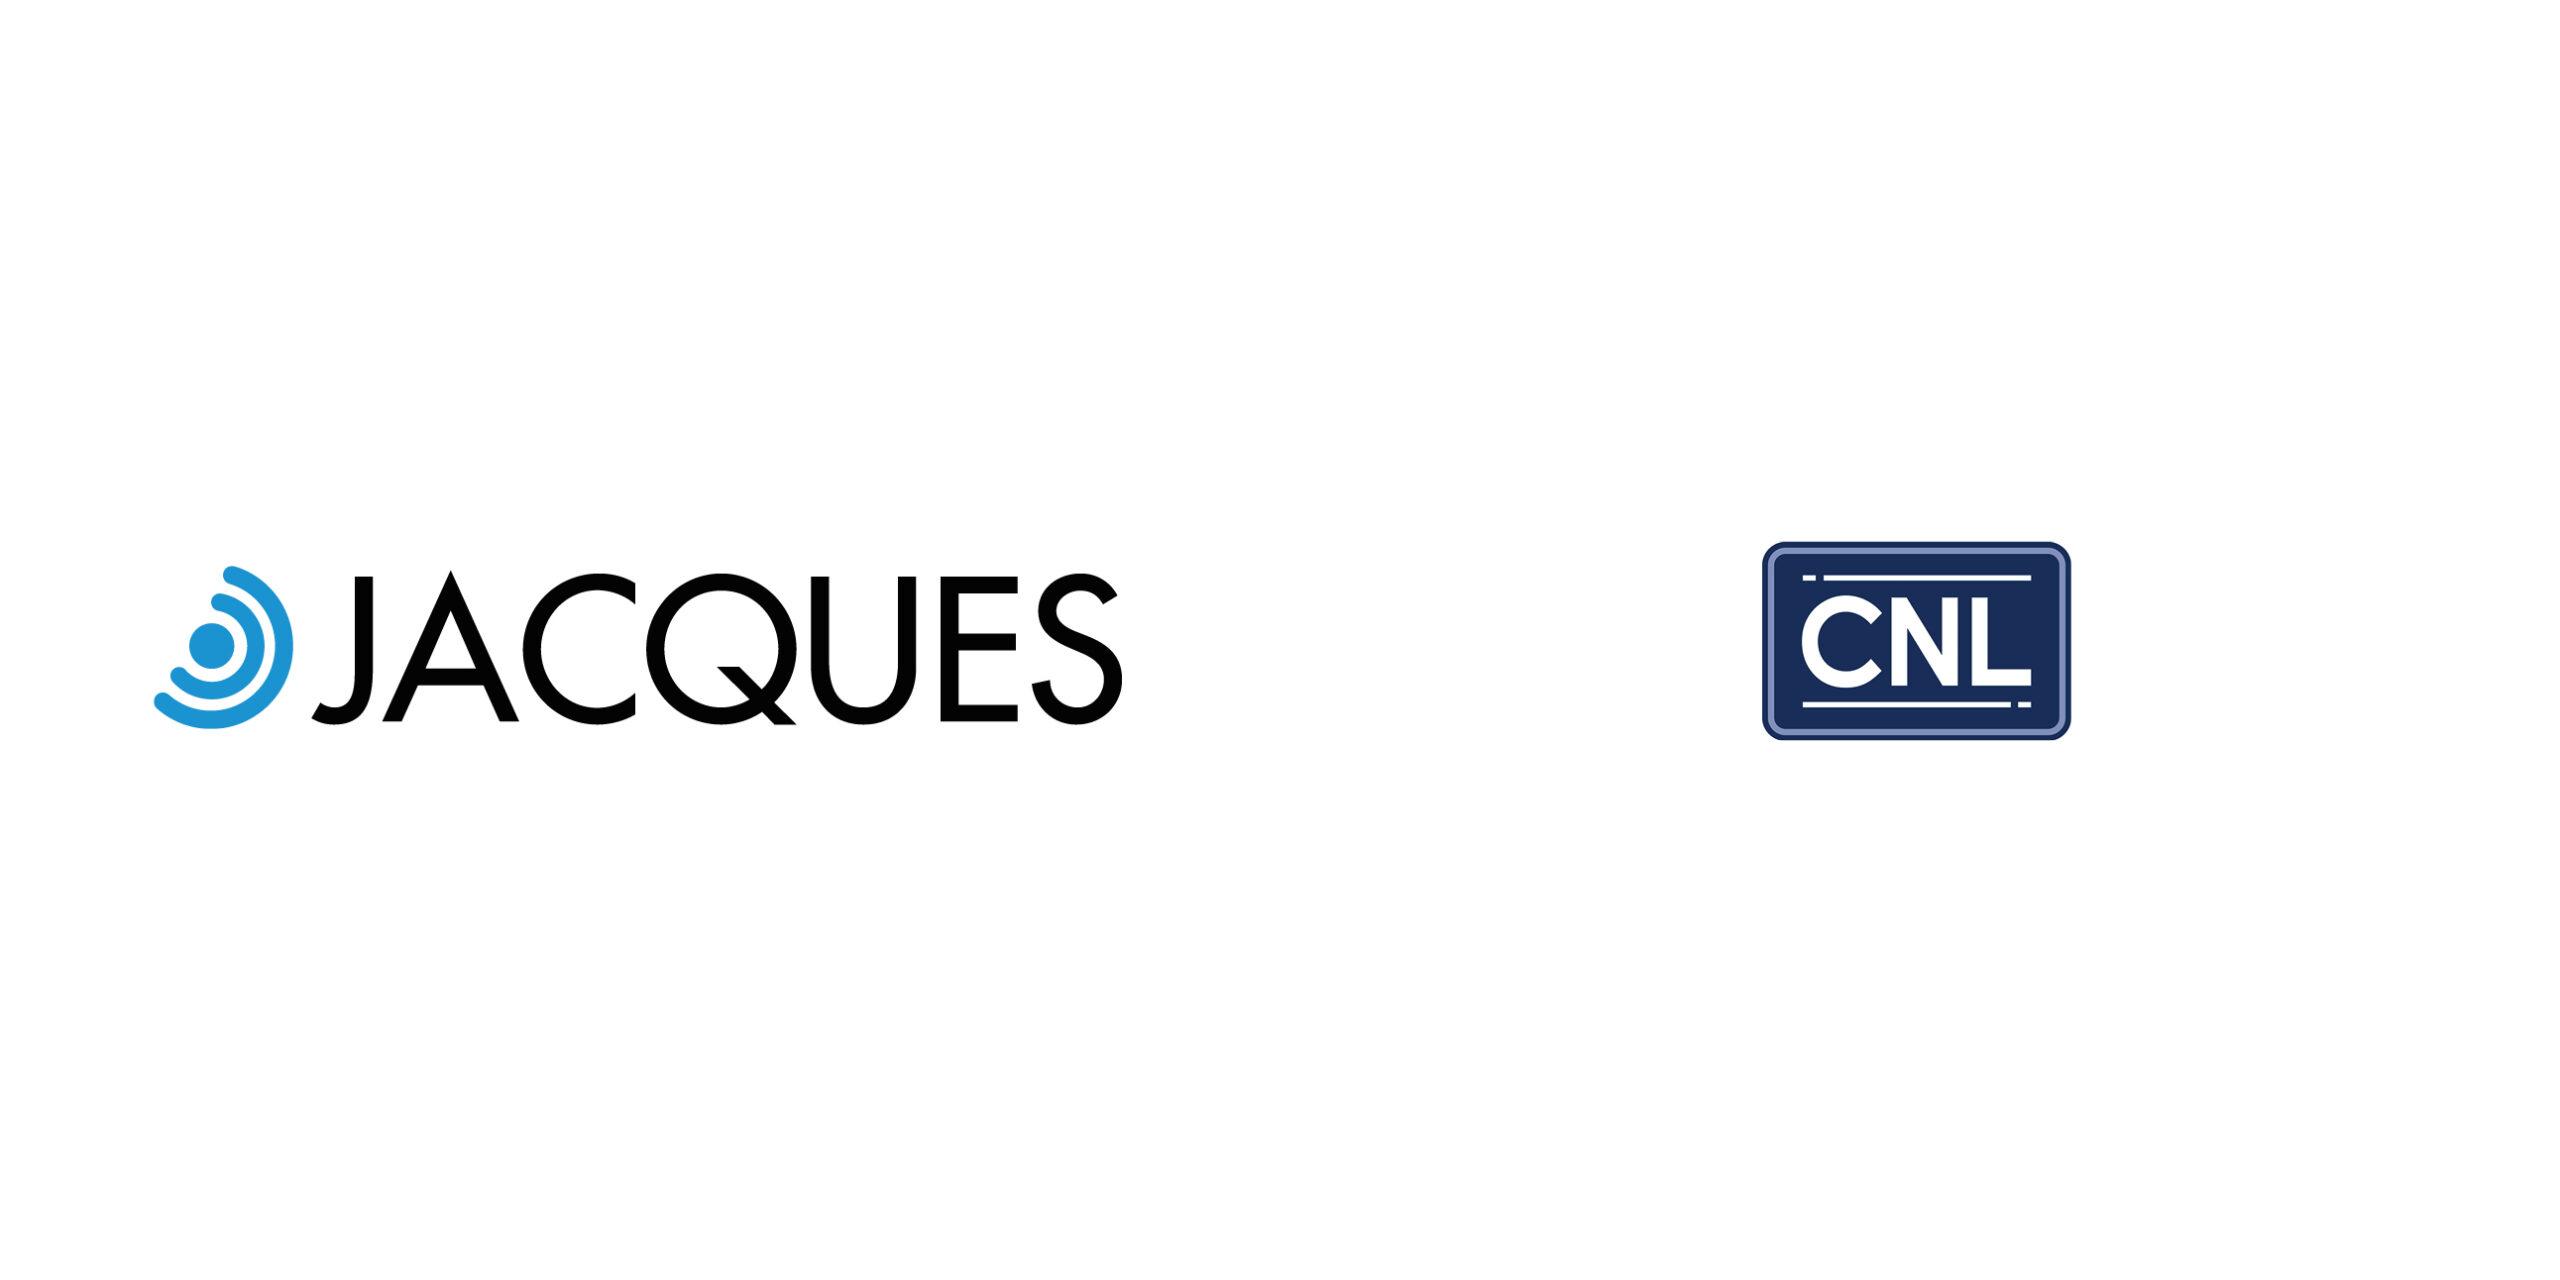 Jacques To CNL Integration Announcement